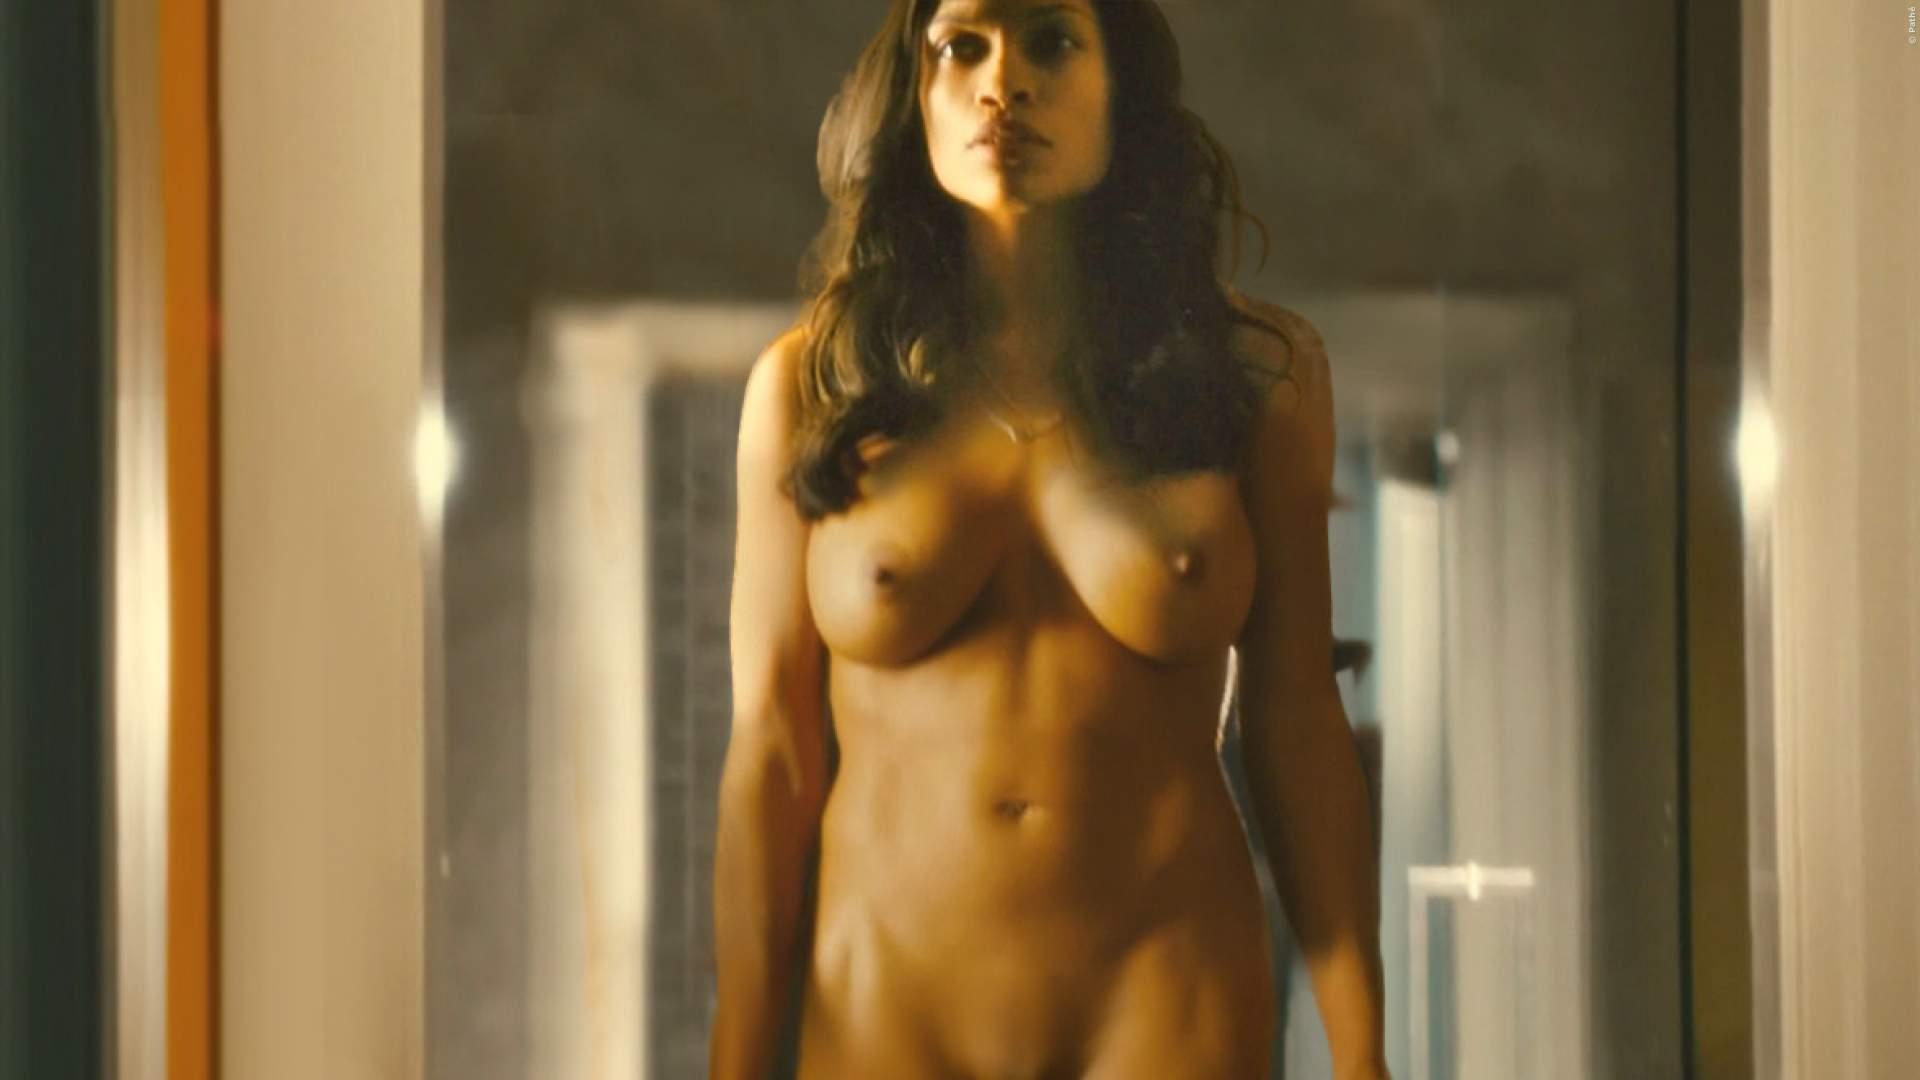 Top 30 Nacktszenen weiblicher Hollywoodstars - Bild 15 von 31